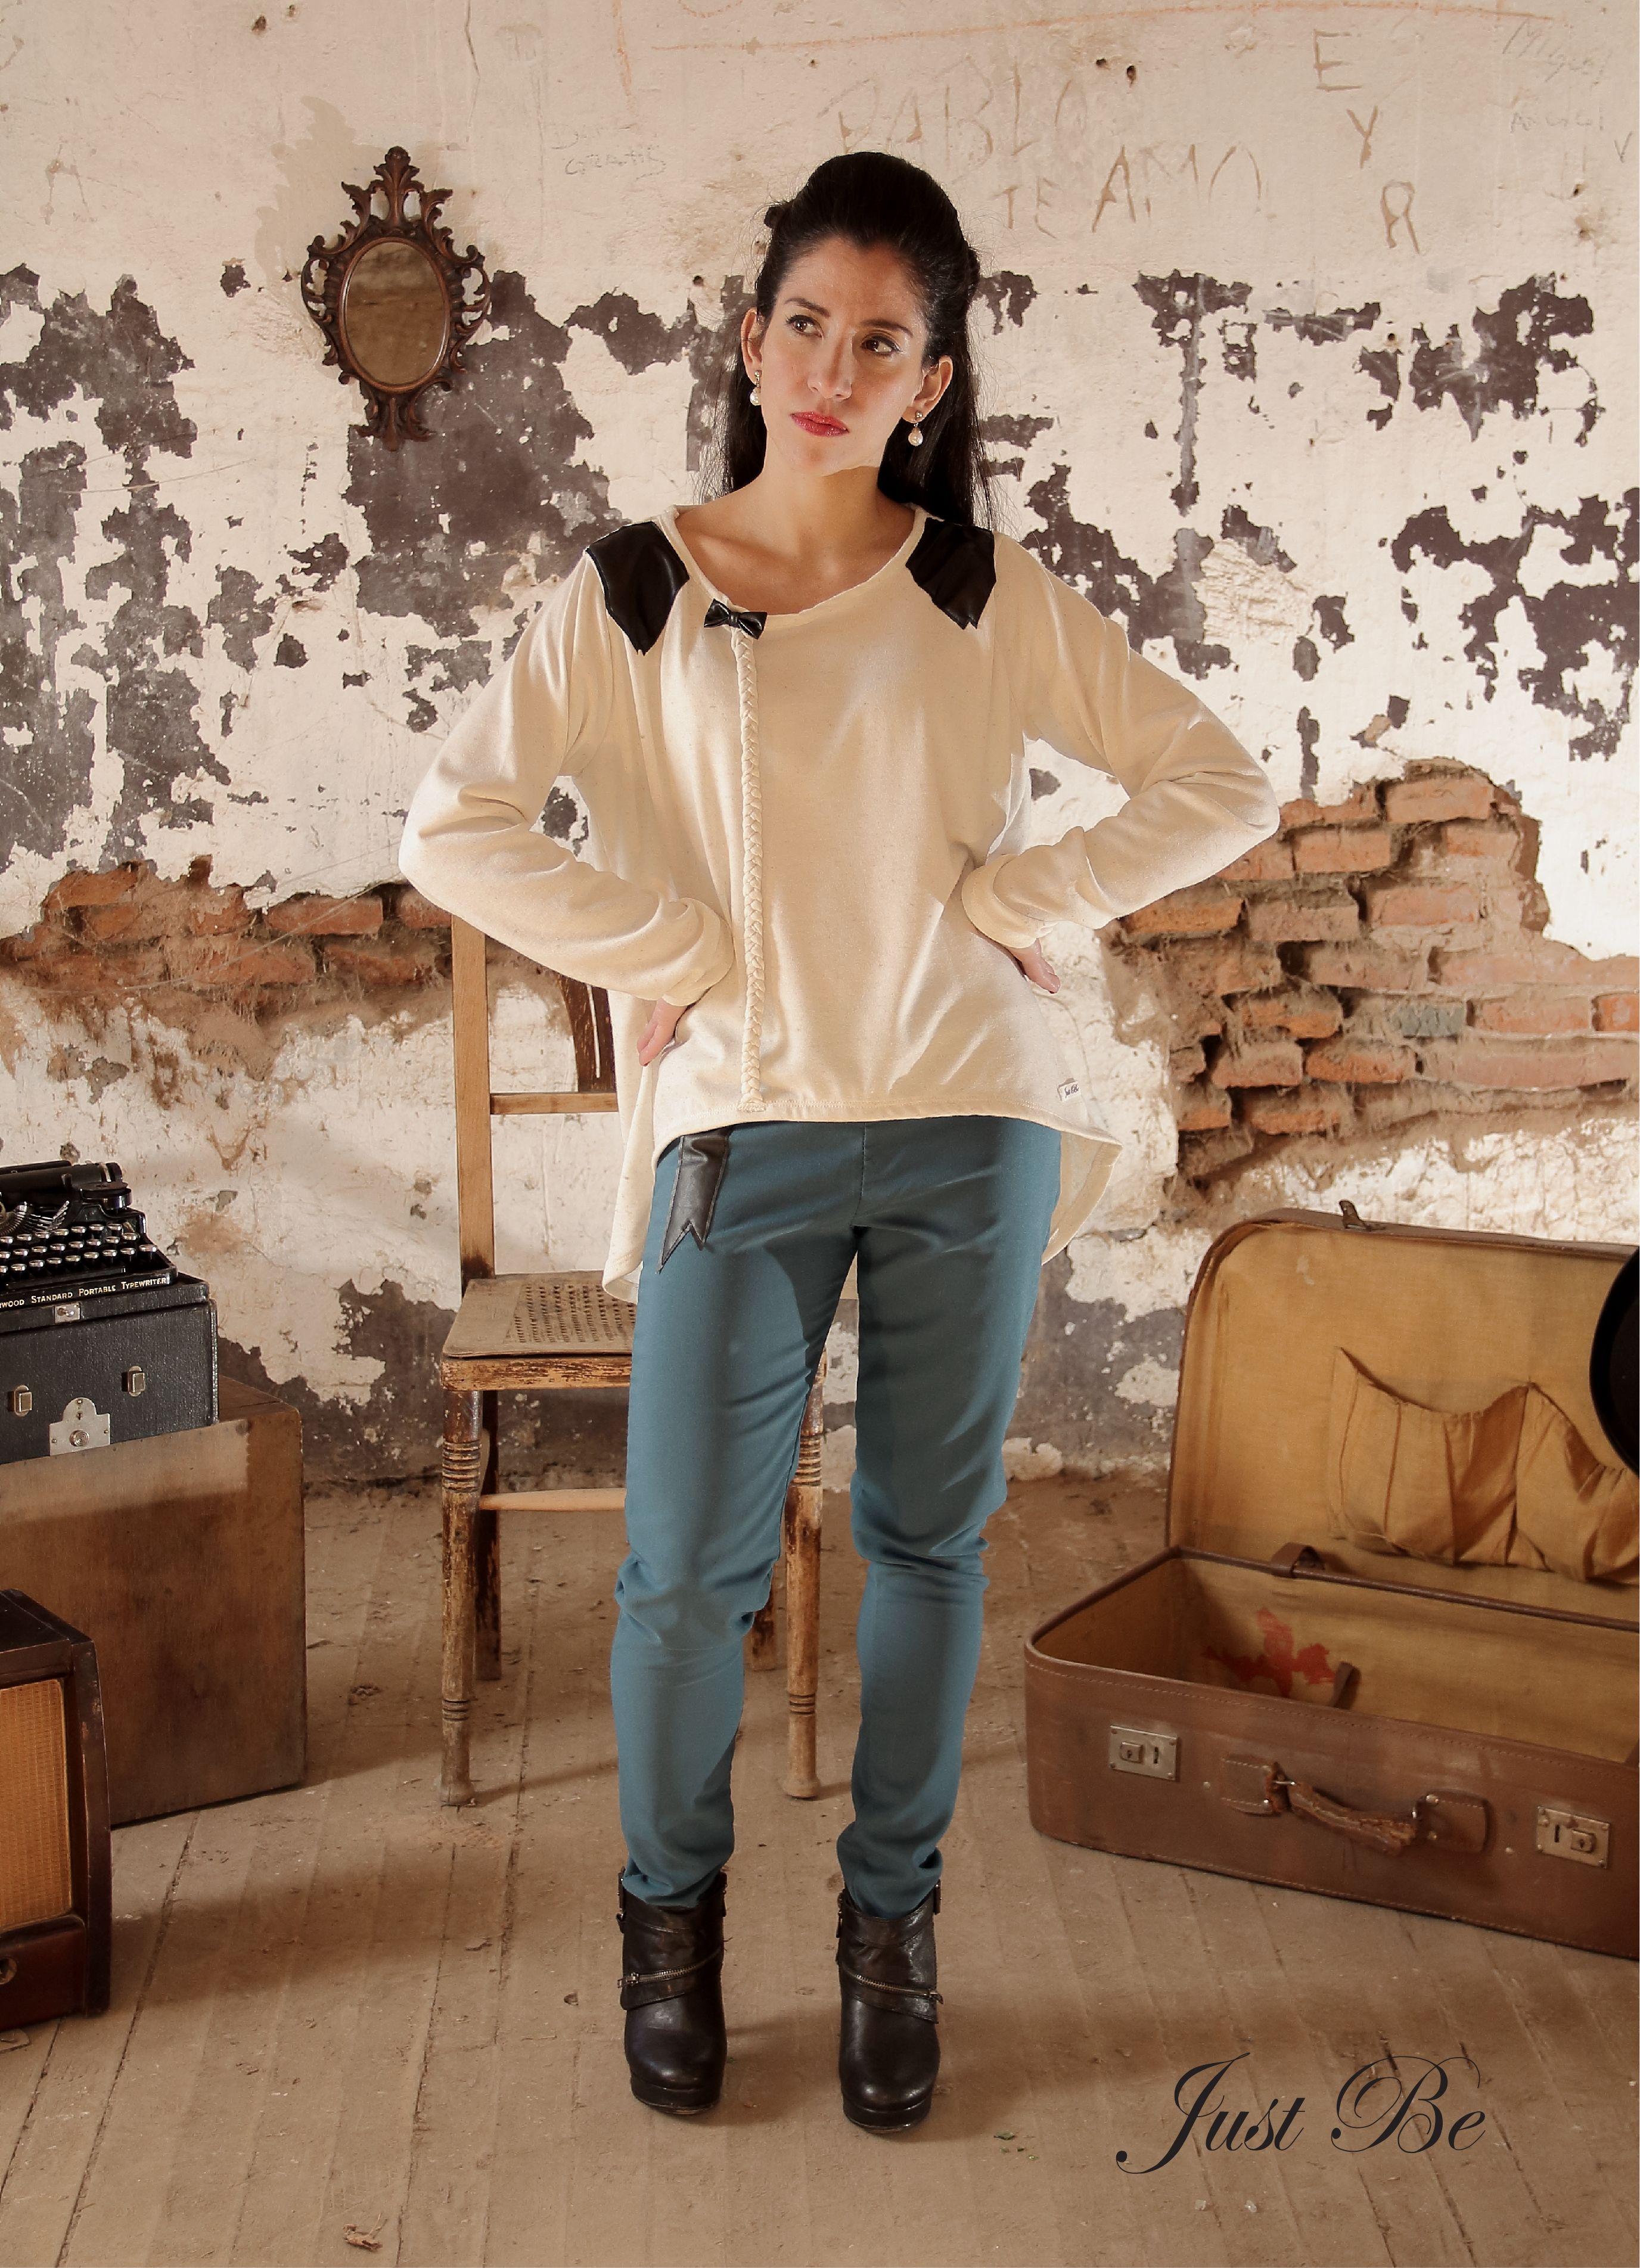 Sweater de lanilla color Cremita Apliques y Moños en eco-cuero Trenzas de lanilla Pantalón con spandex de gabardina Azul-Turquesa  Apliques de eco-cuero